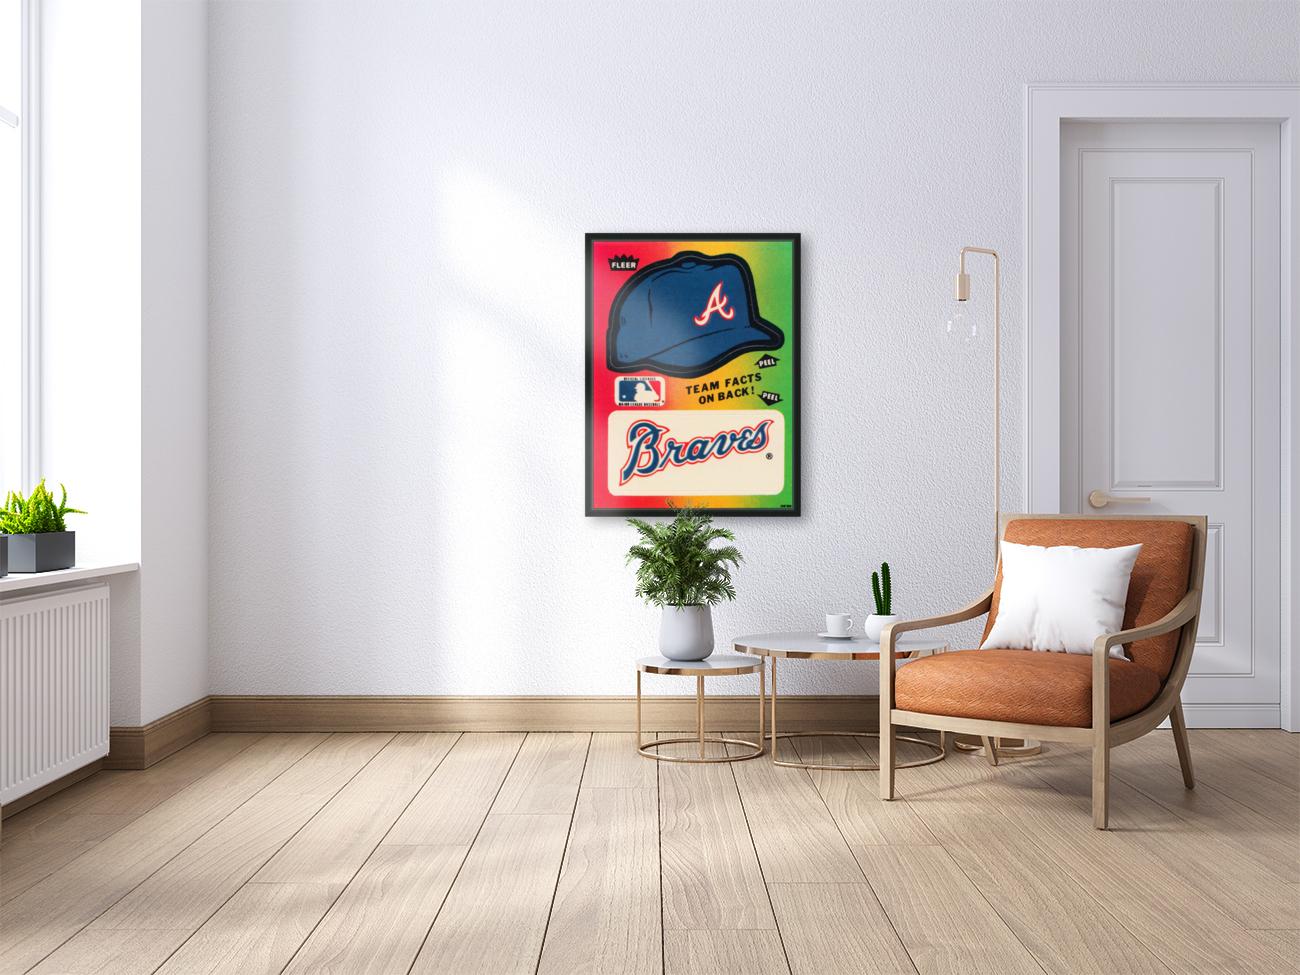 1983 Atlanta Braves Fleer Decal  Art